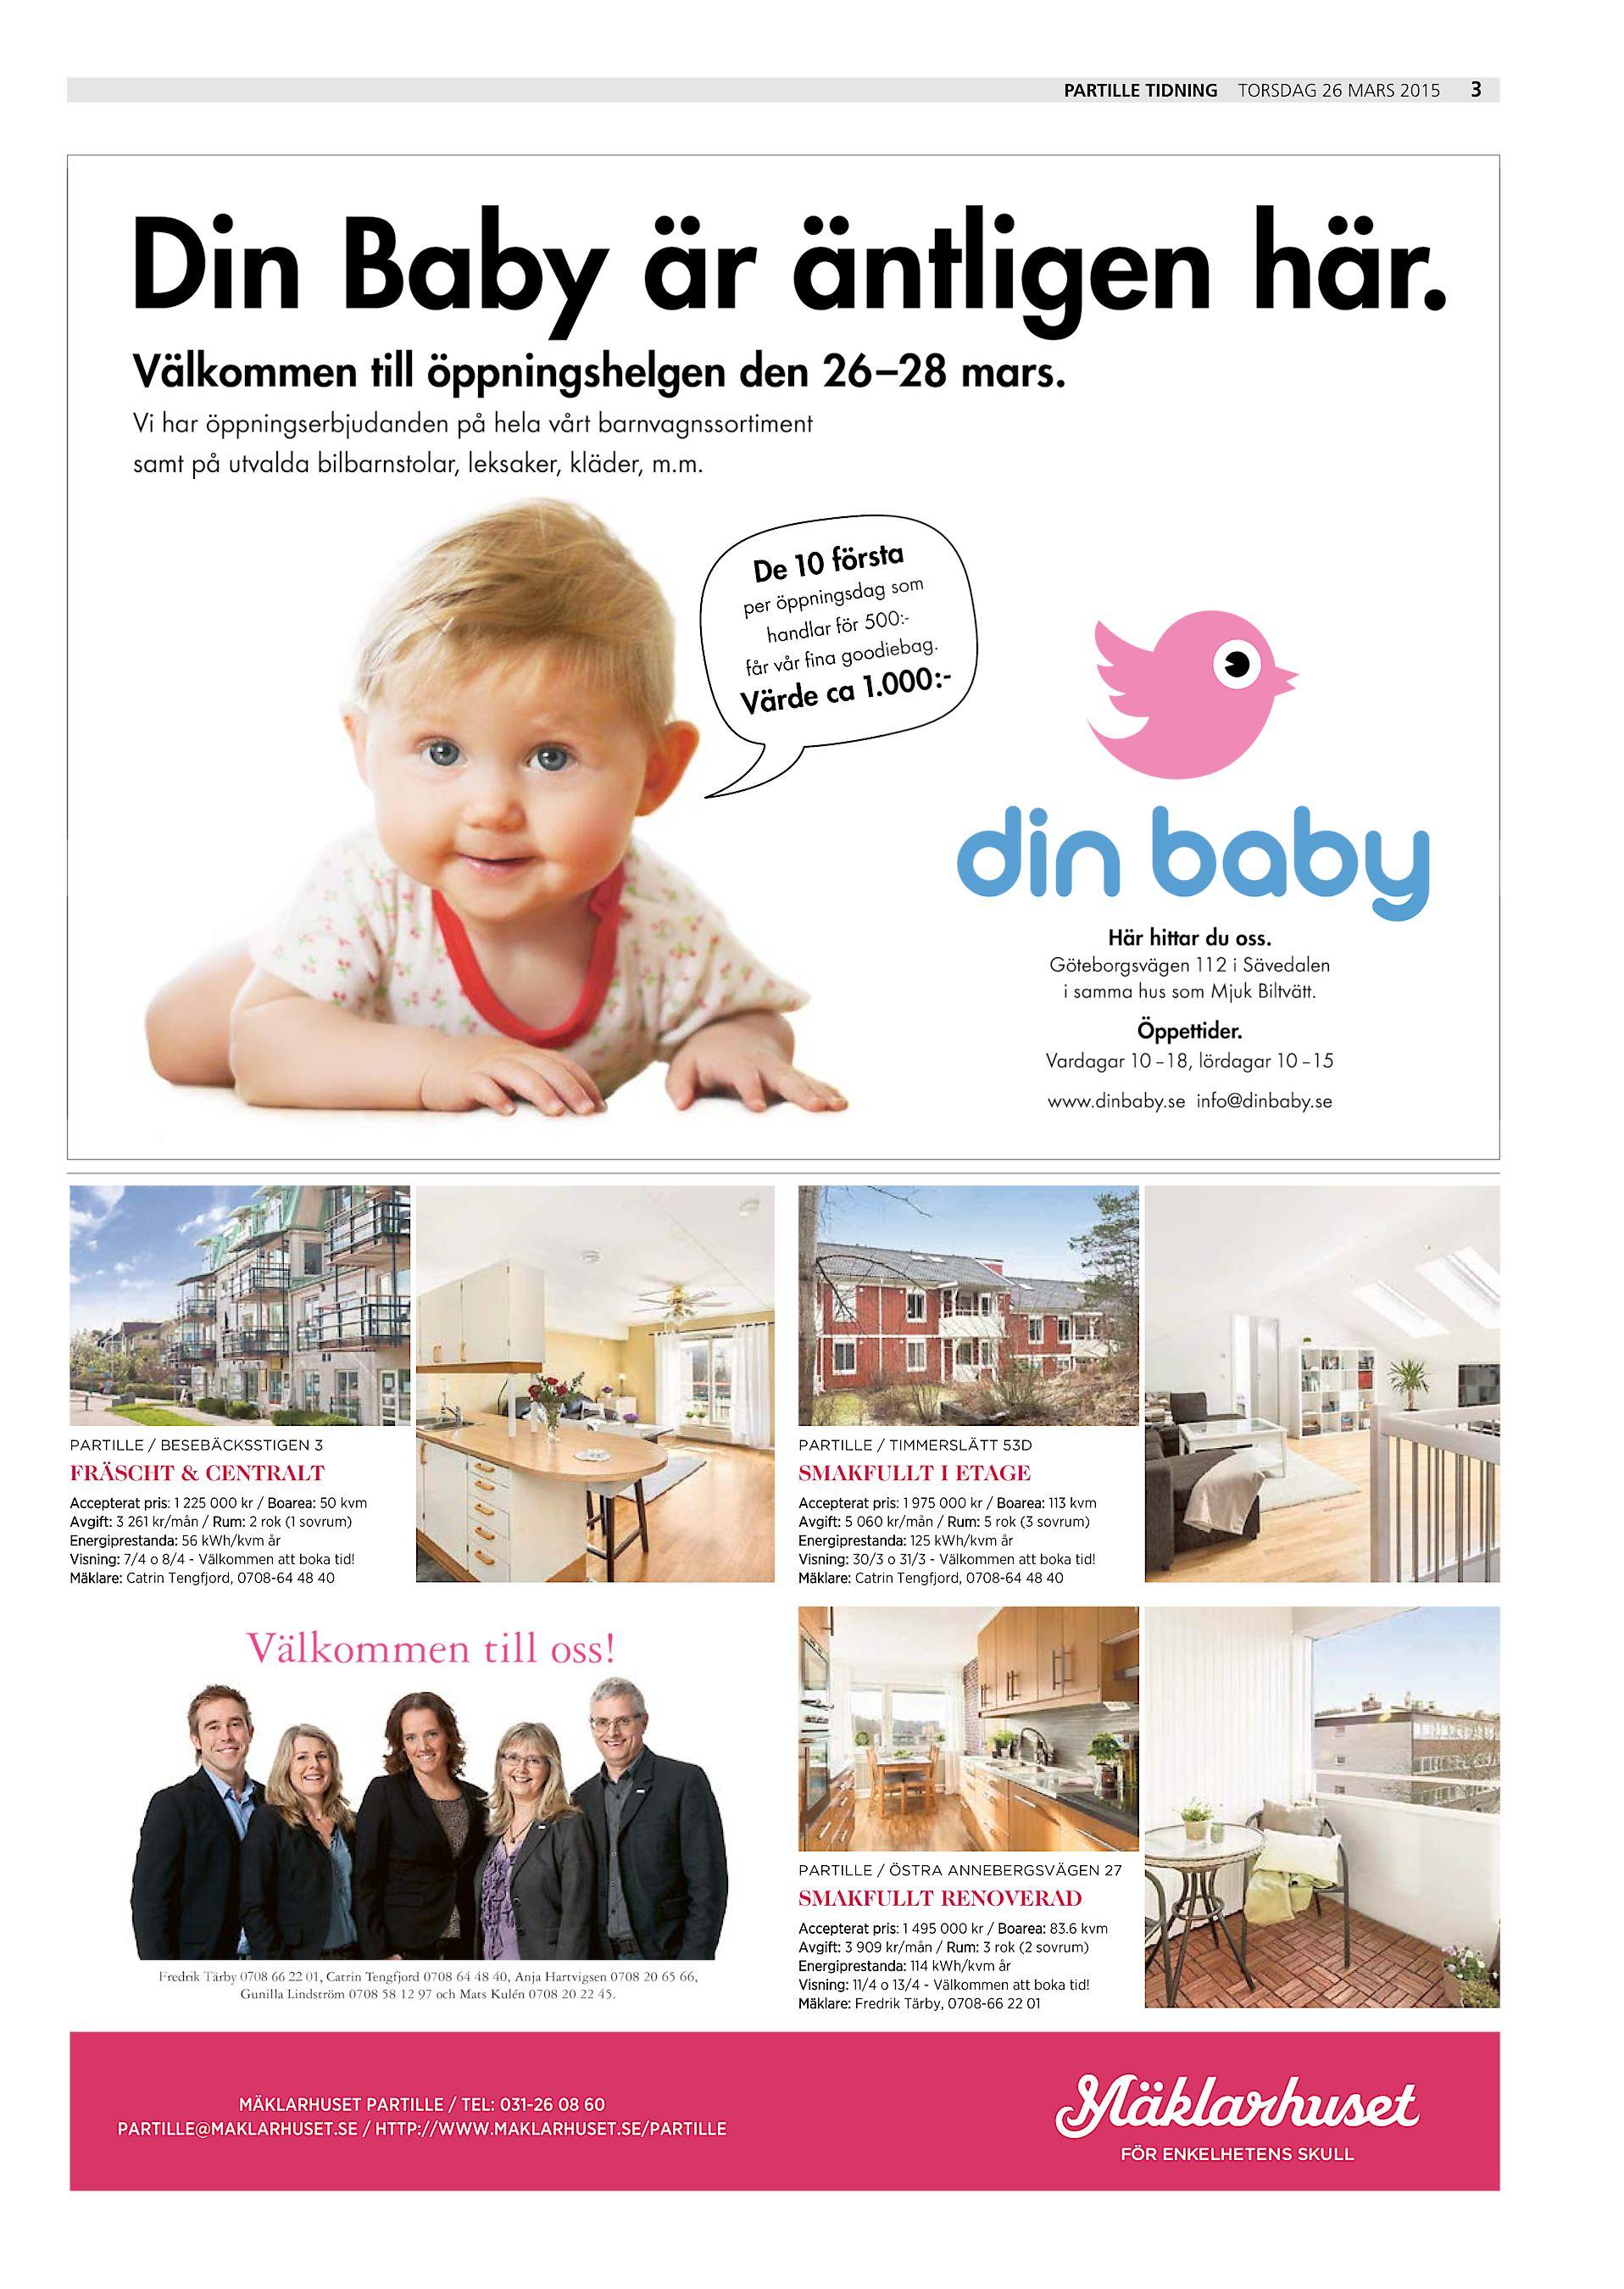 eaf90ffc86fd Partille Tidning torsdag 26 mars 2015 Din Baby är äntligen här. Välkommen  till öppningshelgen den 26–28 mars. Vi har öppningserbjudanden på hela vårt  ...